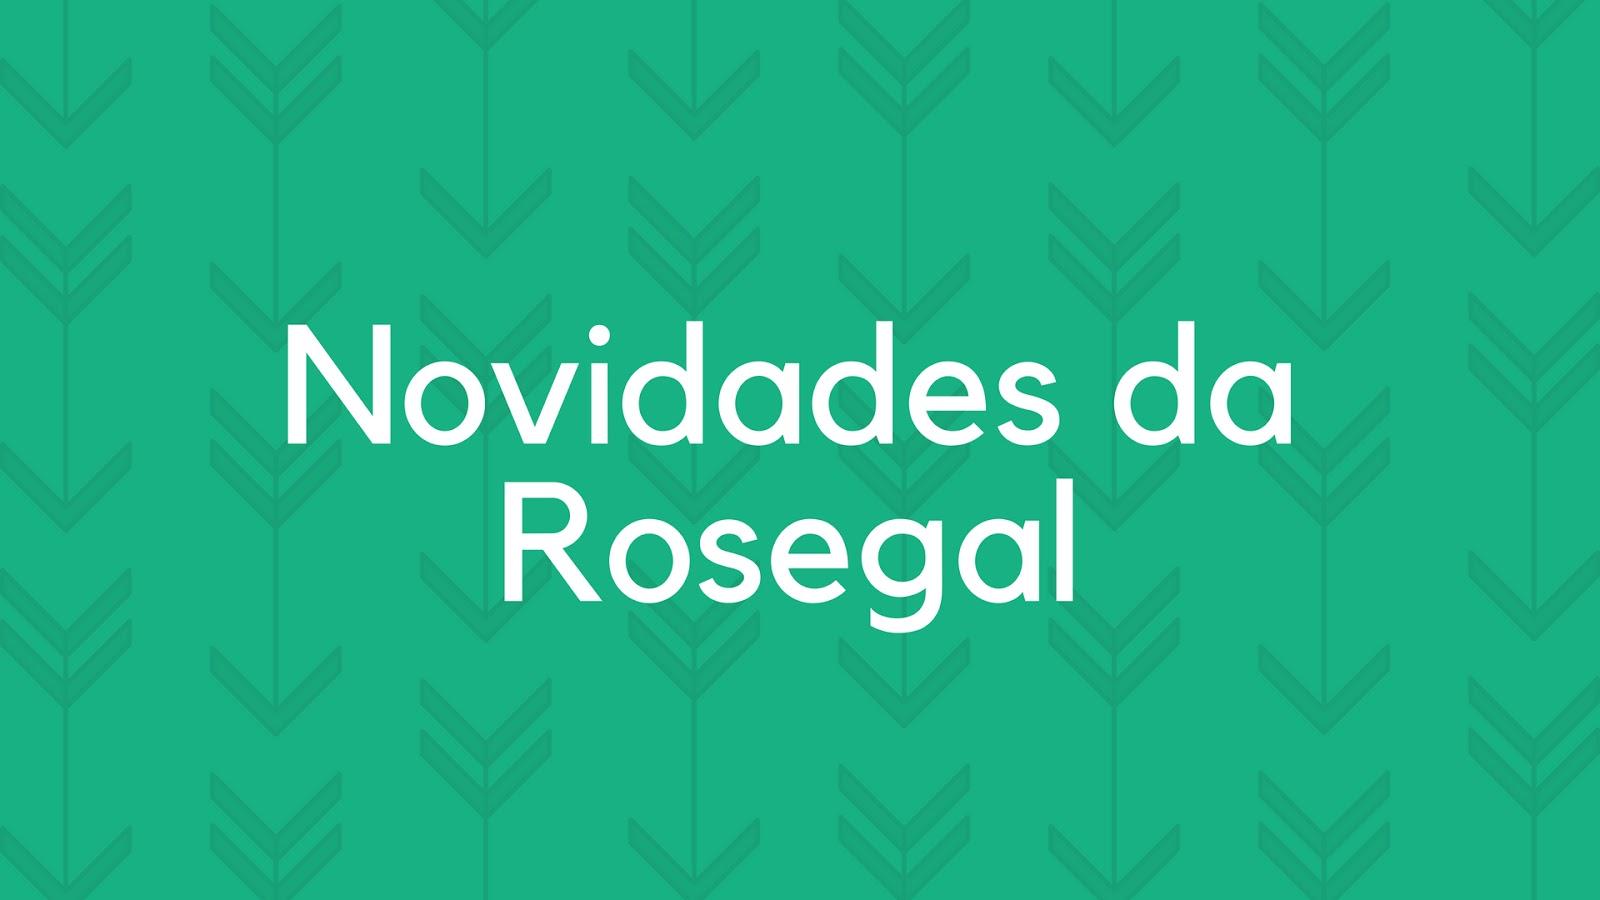 Novidades da Loja Rosegal para ter no Guarda-Roupas